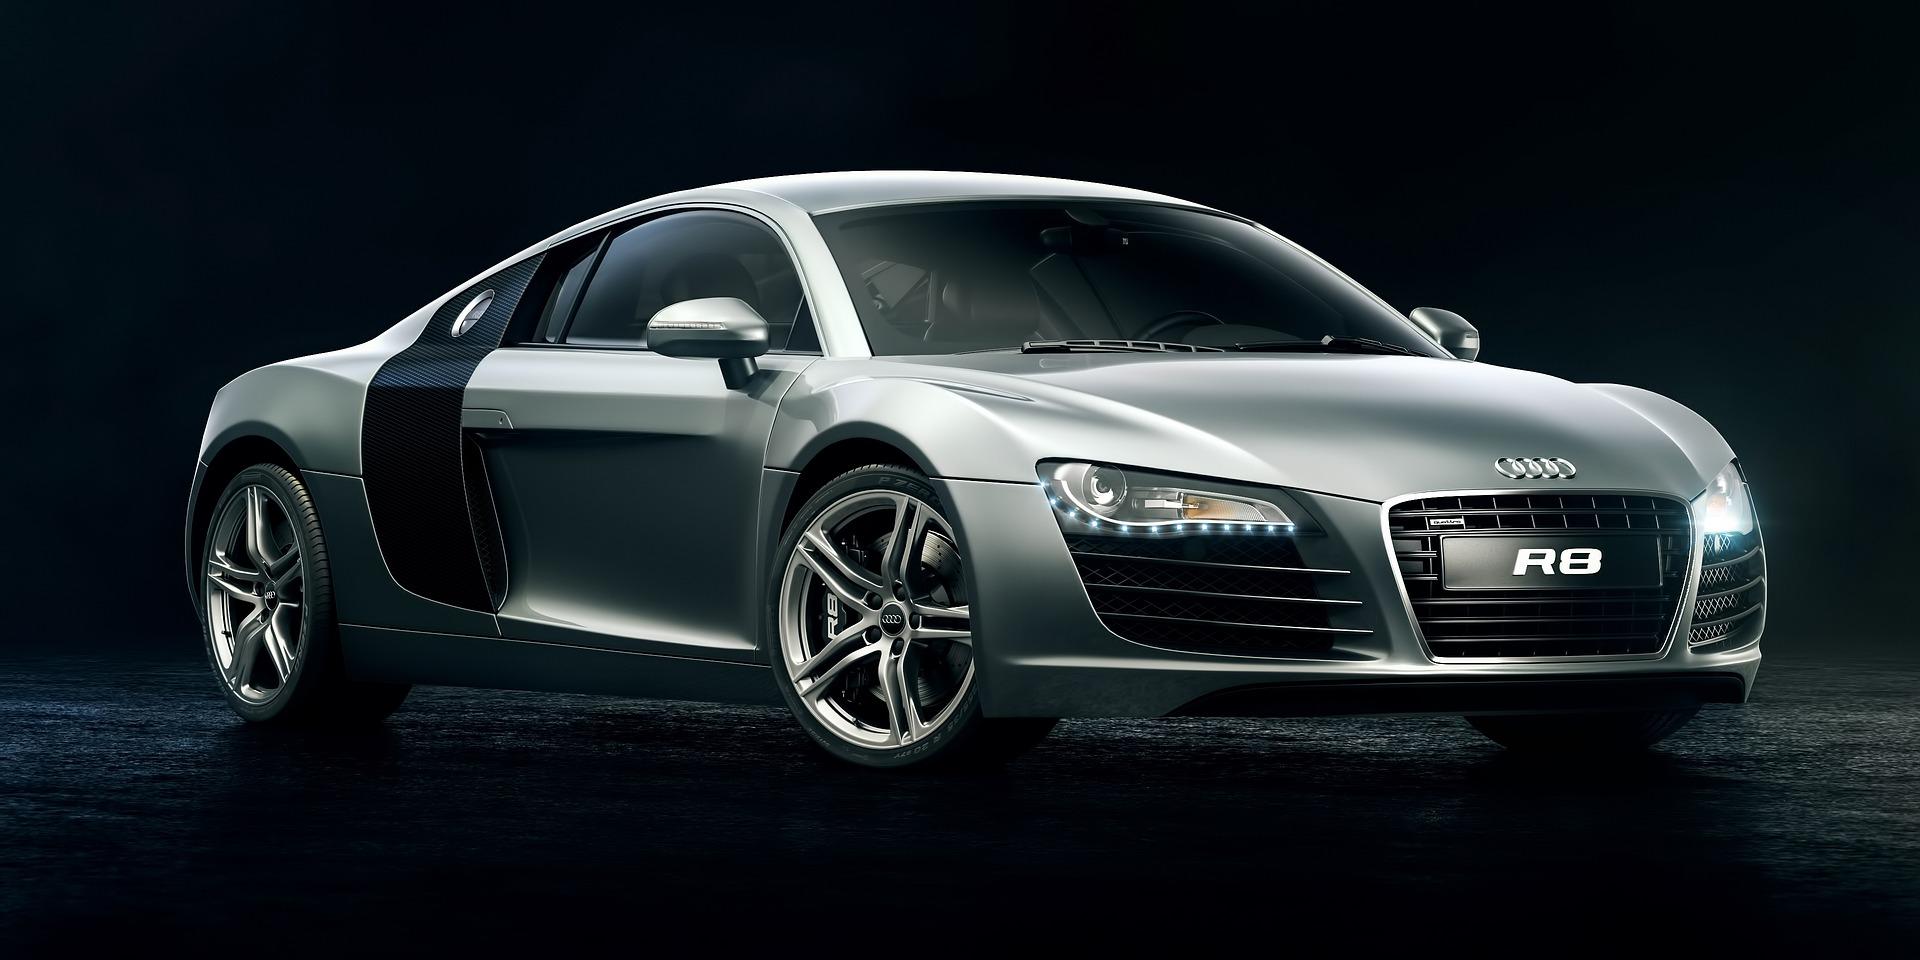 Audi R8 Fahren Geschenk Gutschein